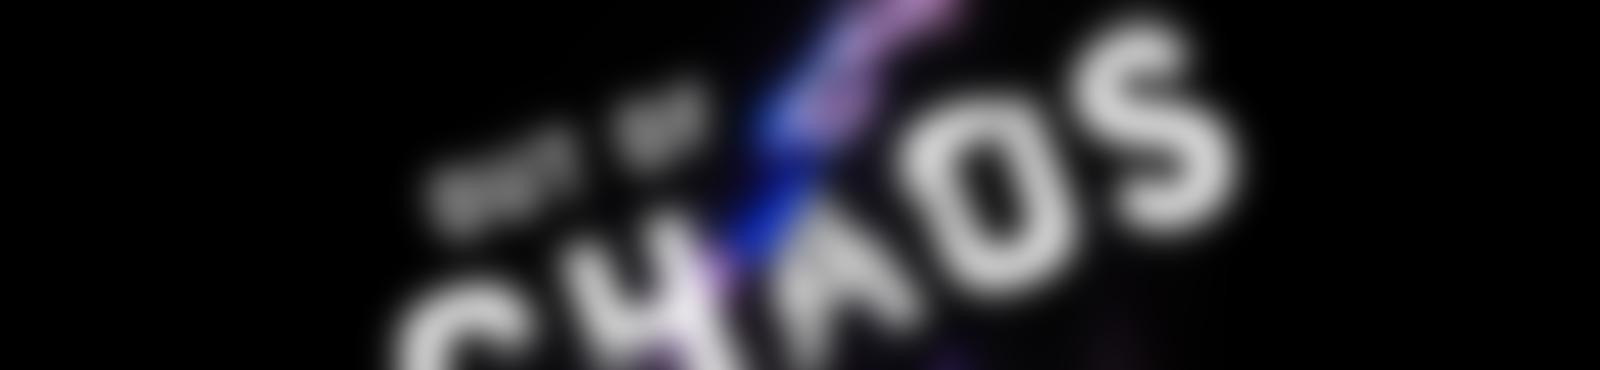 Blurred da9e9e8c b04f 4fdc a3a3 b4fd7137c988